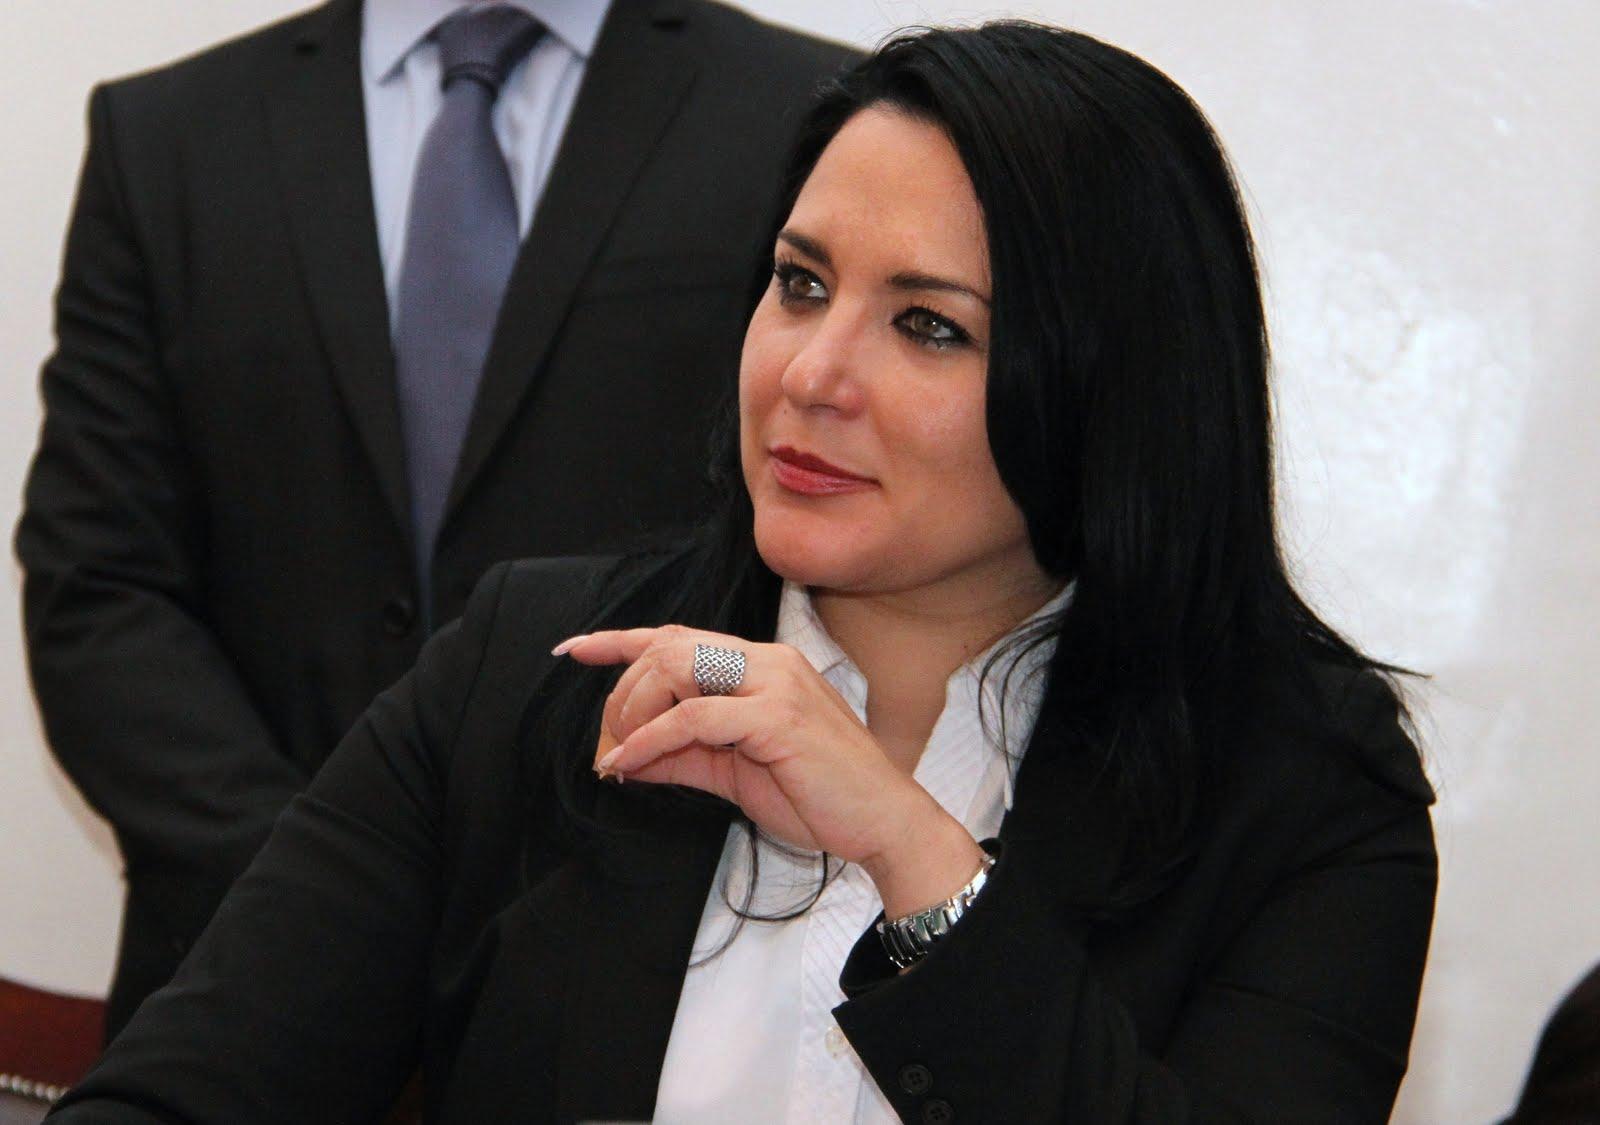 Es falso que se haya generado la orden de arresto en contra de la Directora del IEMS, Mtra. Dinorah Pizano